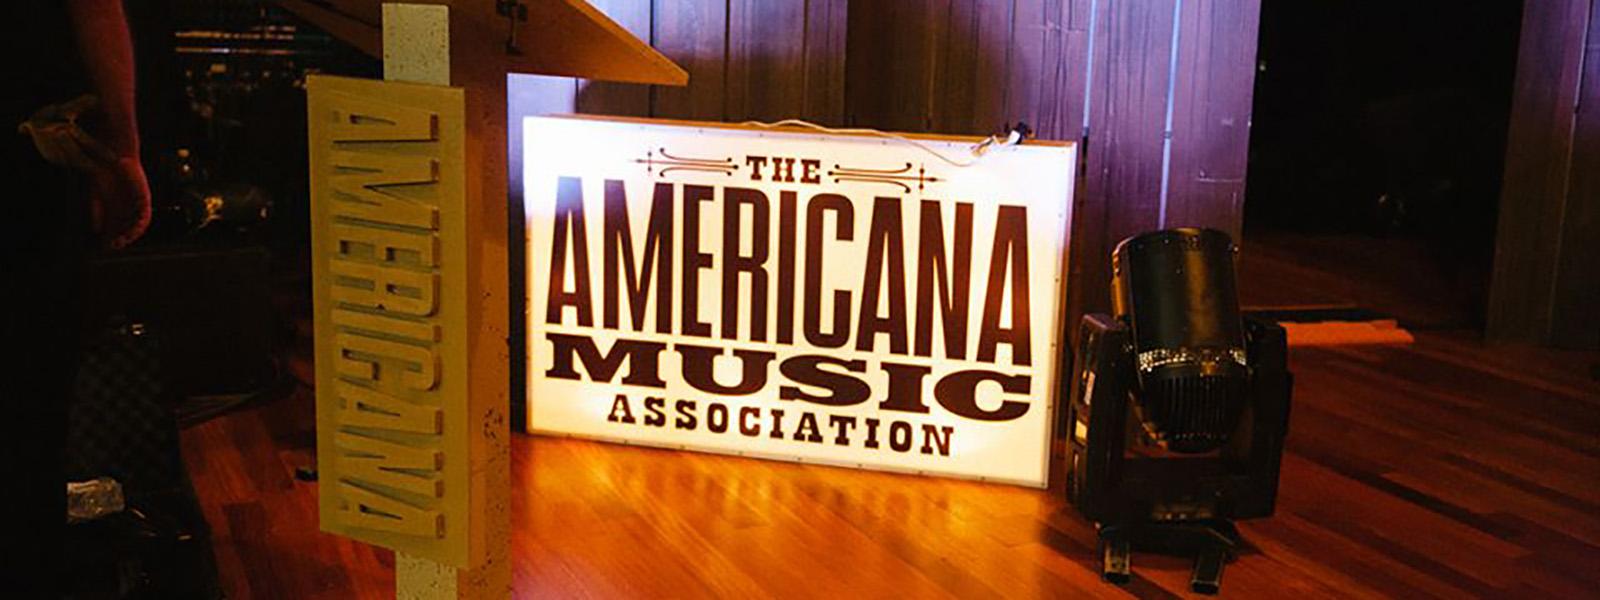 2020 Americana Honors & Awards Nominees